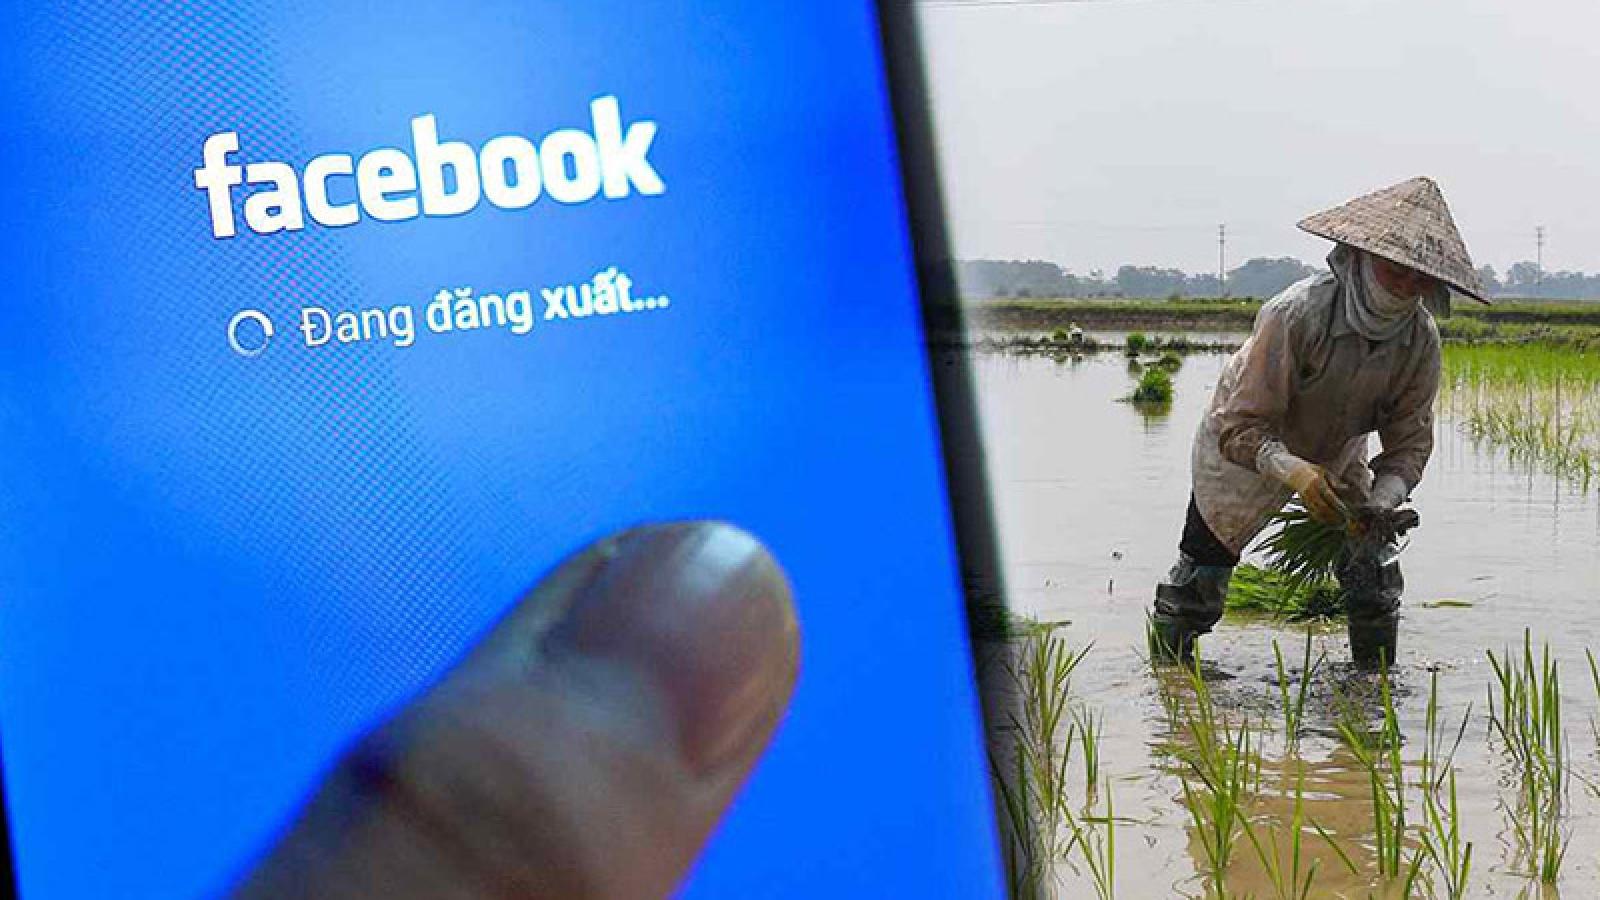 Facebook tìm cơ hội tăng trưởng ở nông thôn Việt Nam